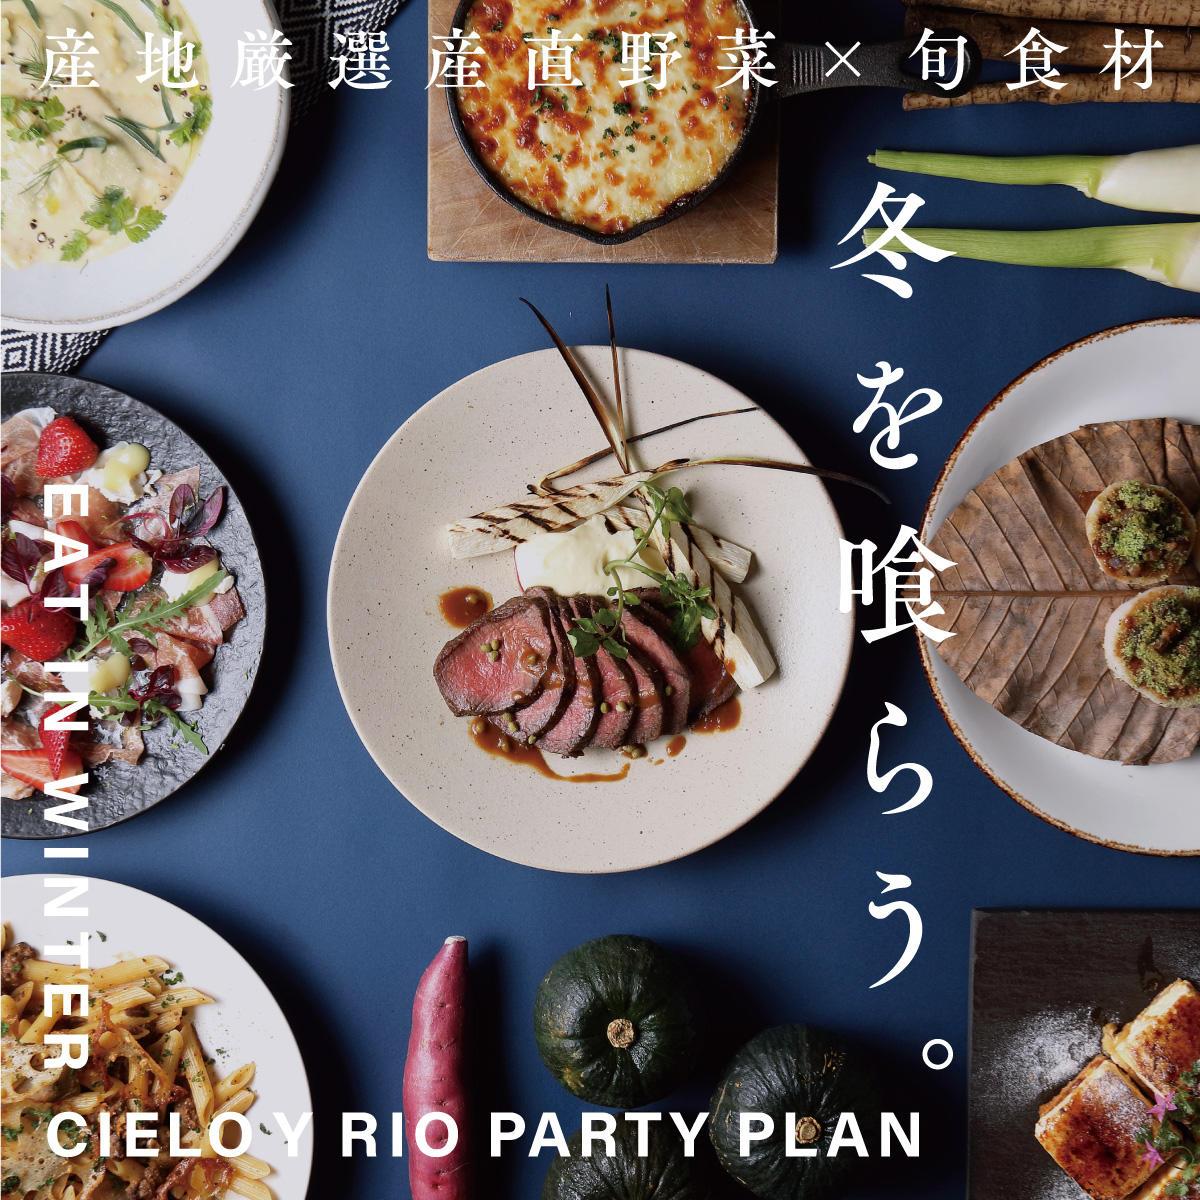 [11・12月限定]シエロ イ リオのパーティープラン